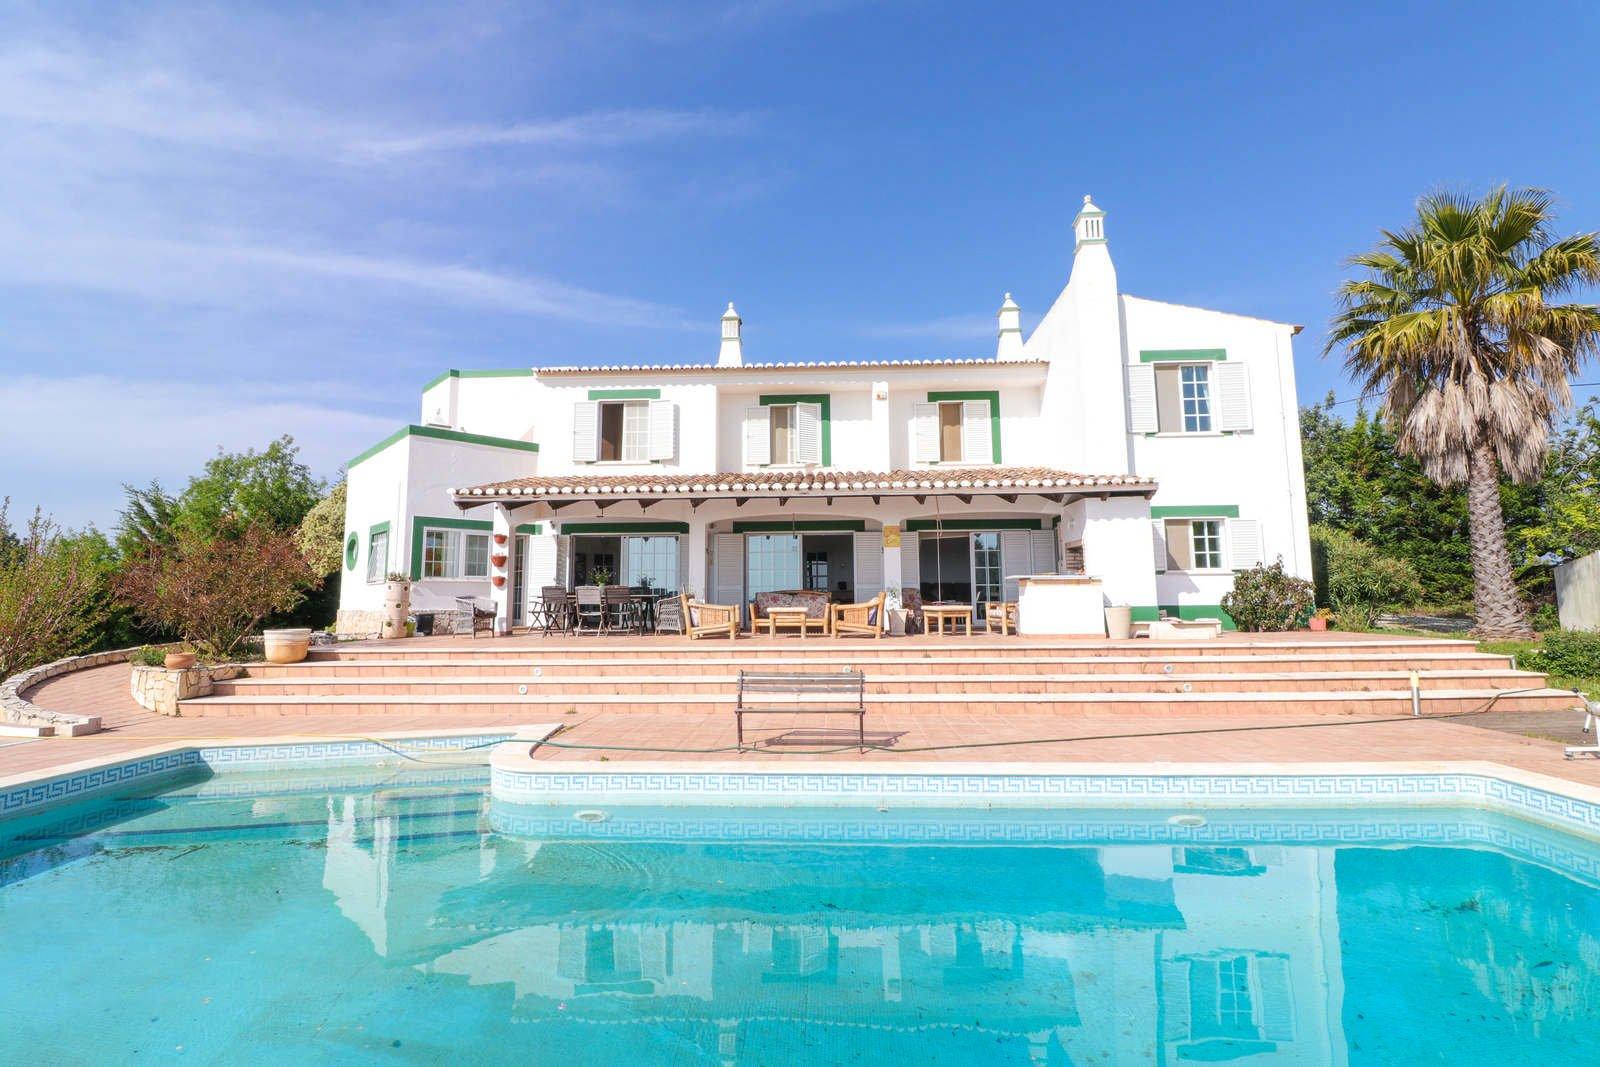 6 Bedroom Villa Boliqueime, Central Algarve Ref: PV3625